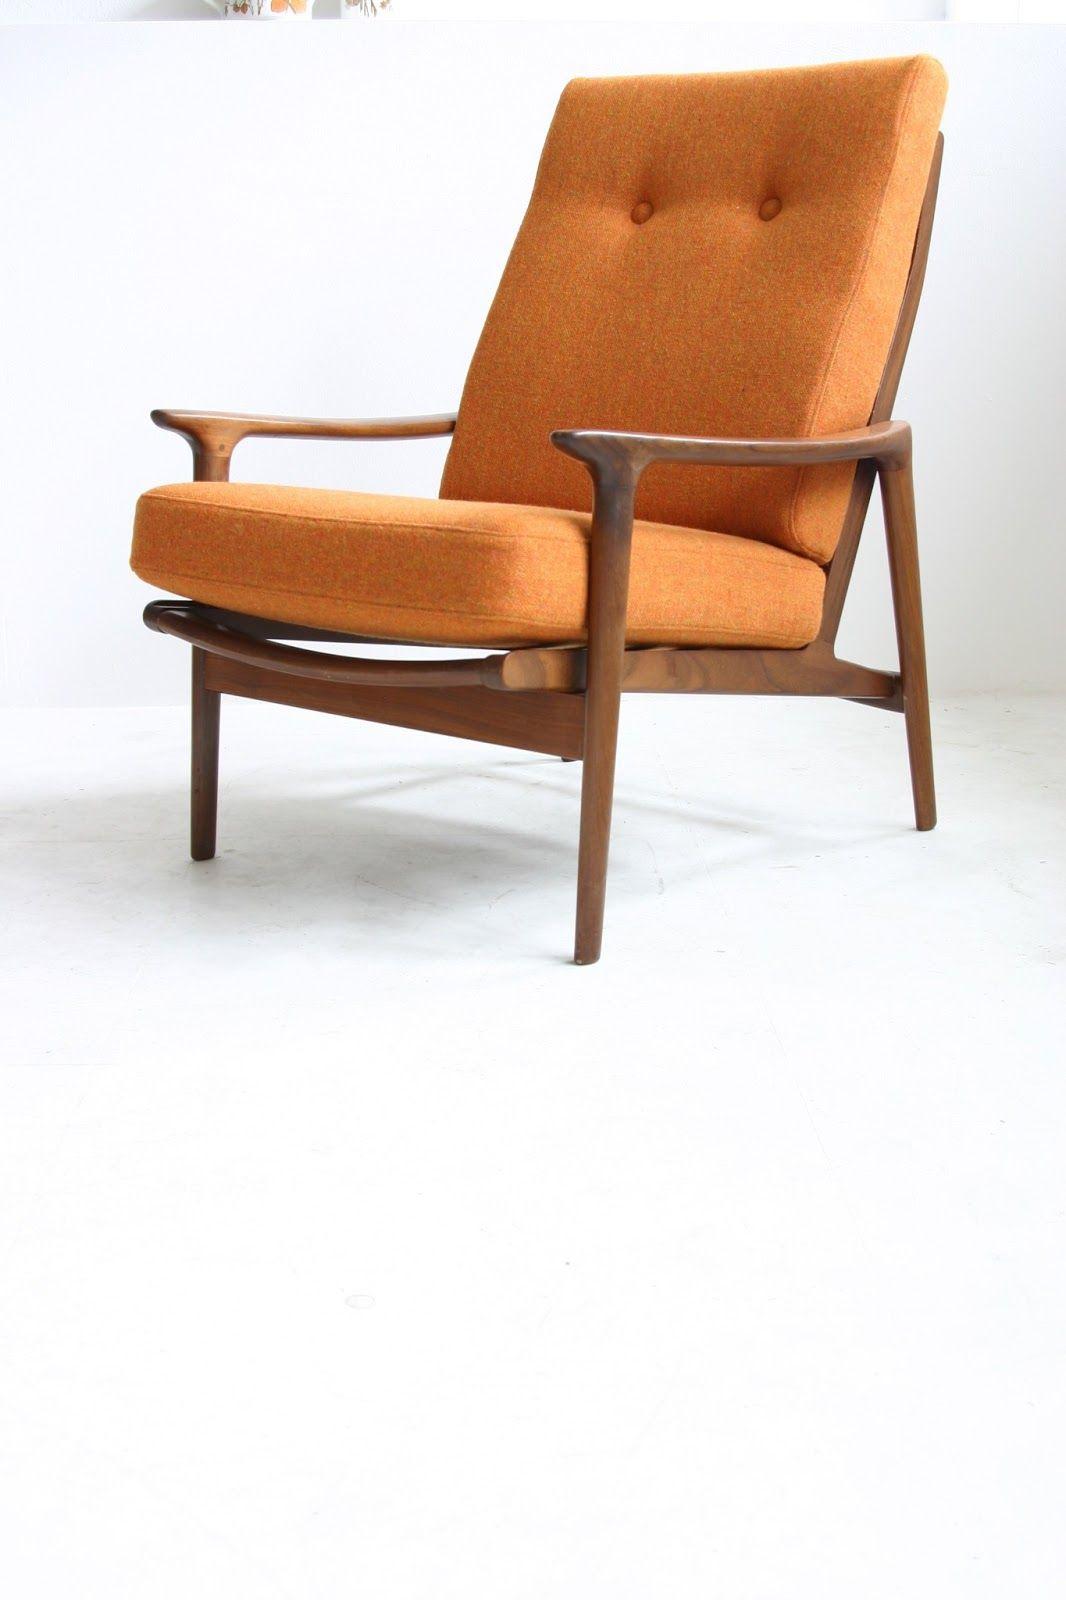 Table Lighting Chair Guy Rogers Suite Vintage Furniture  # Muebles Loverpool